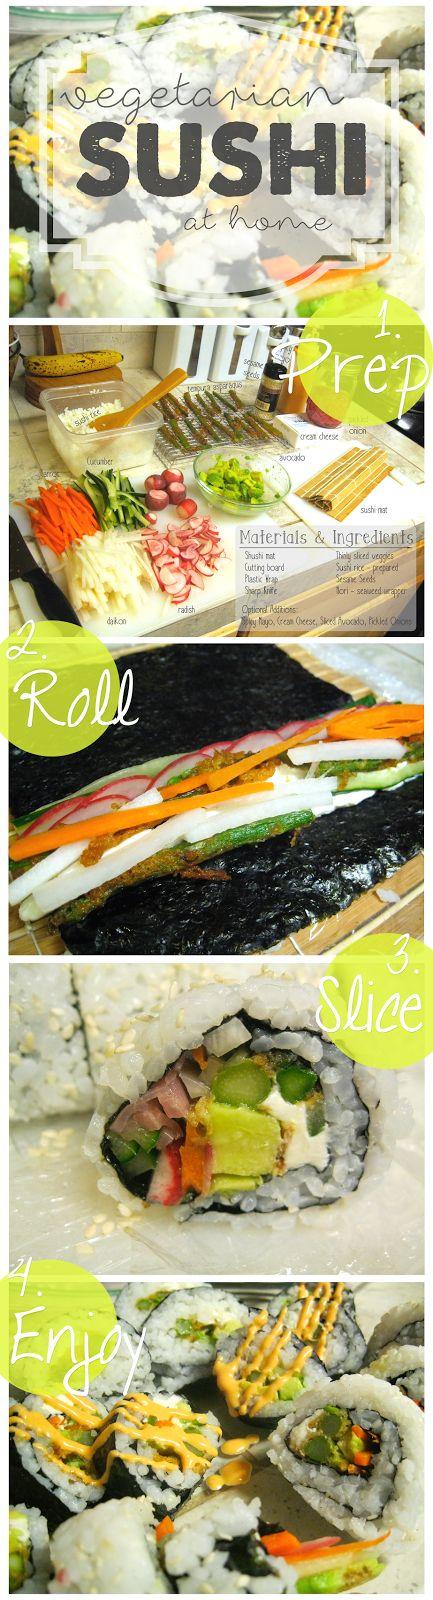 Easy DIY vegetarian sushi    ♡ Make it at Home | Vegetarian Sushi ♡